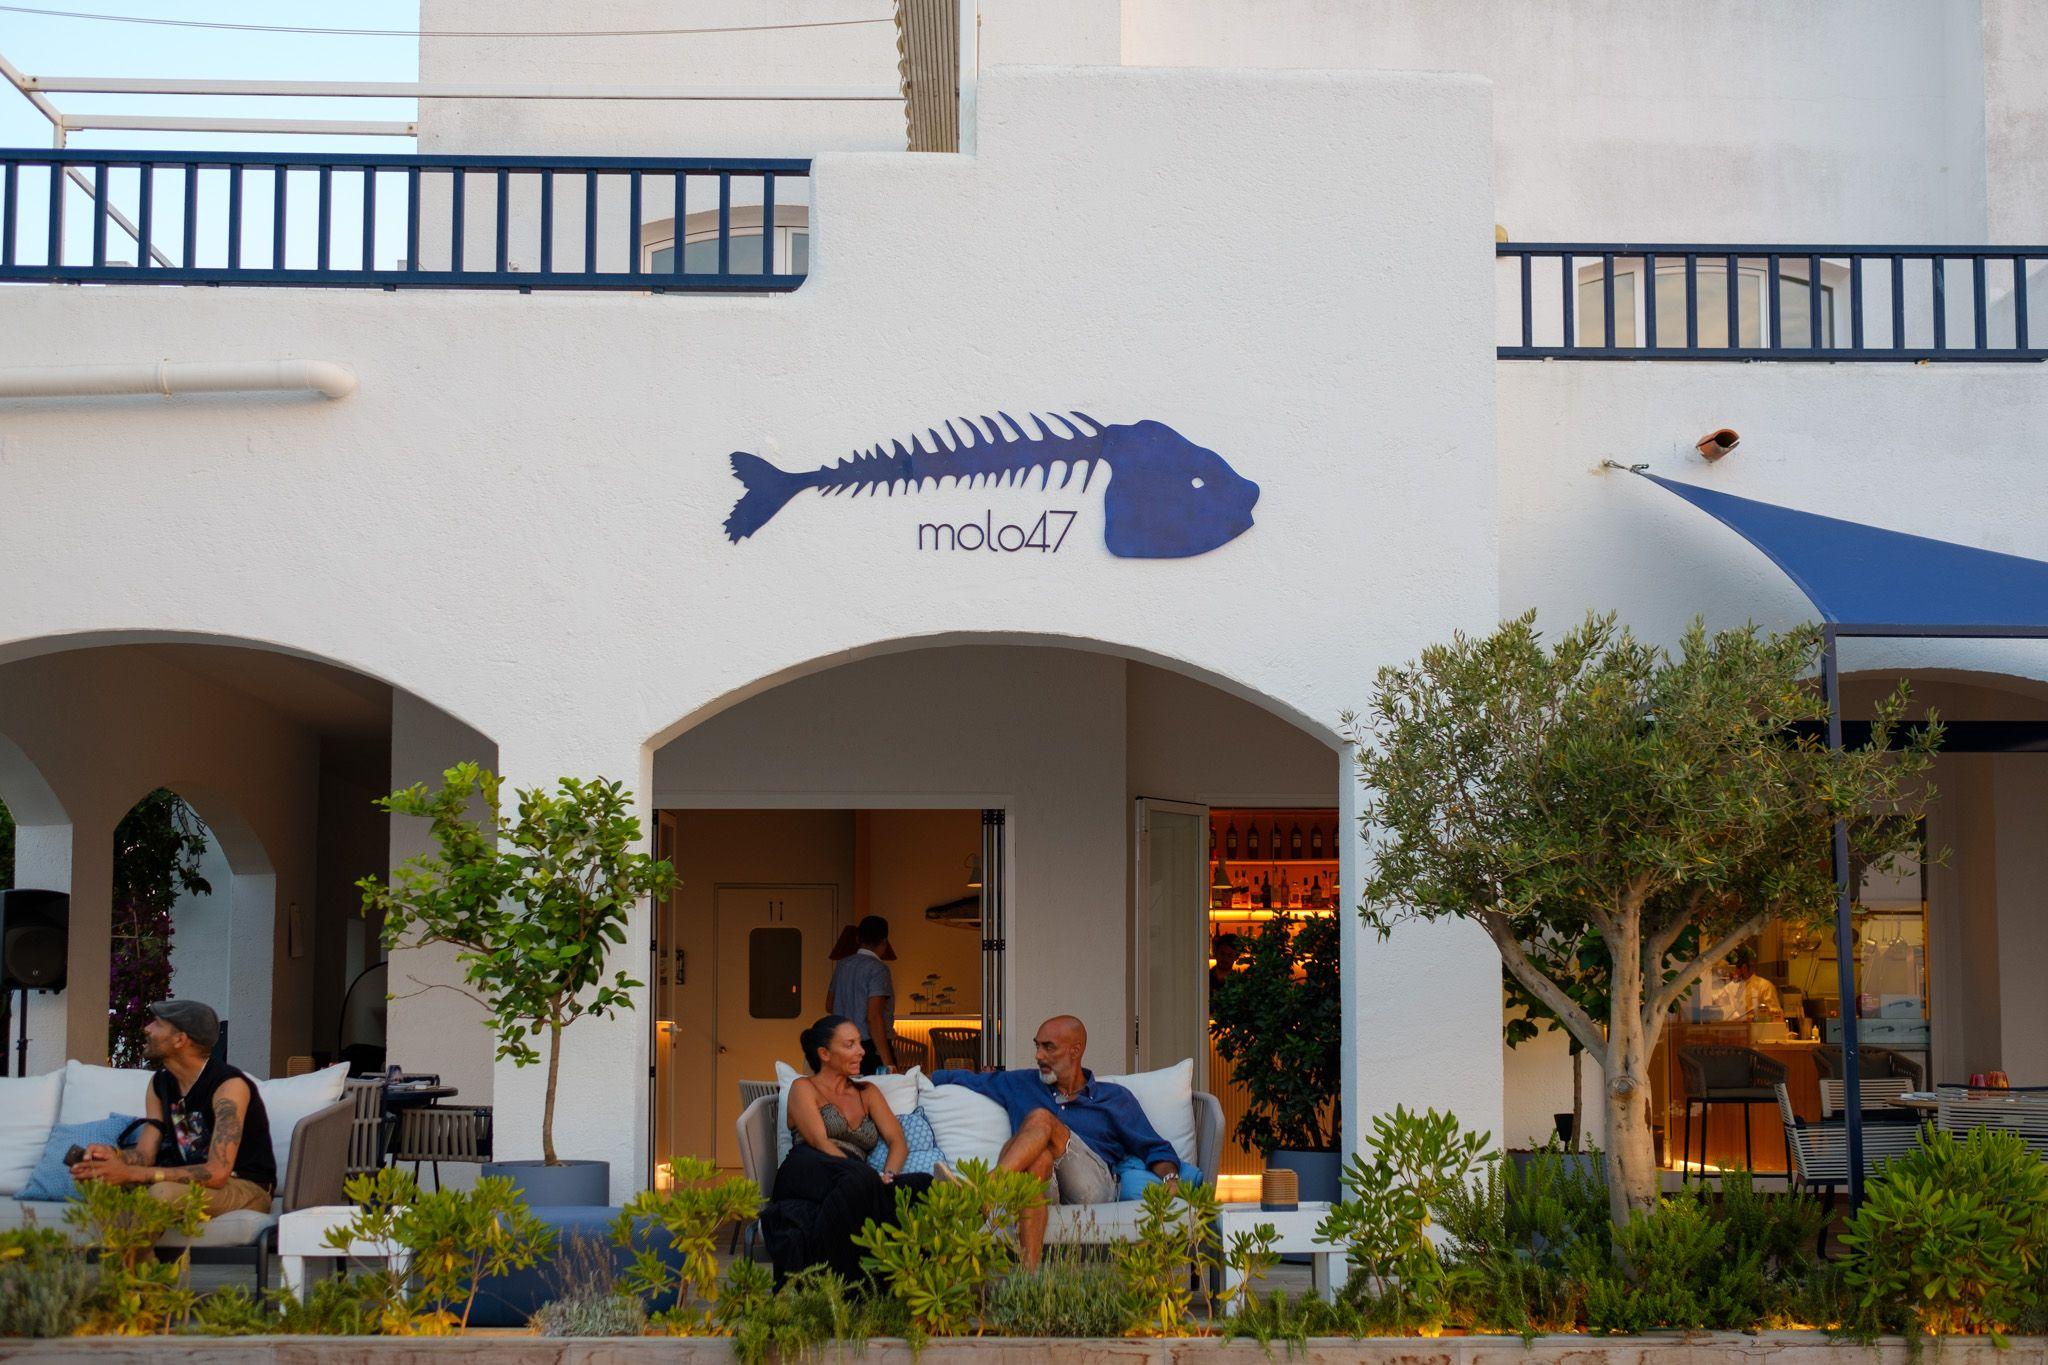 Restaurante na Espanha Antonio